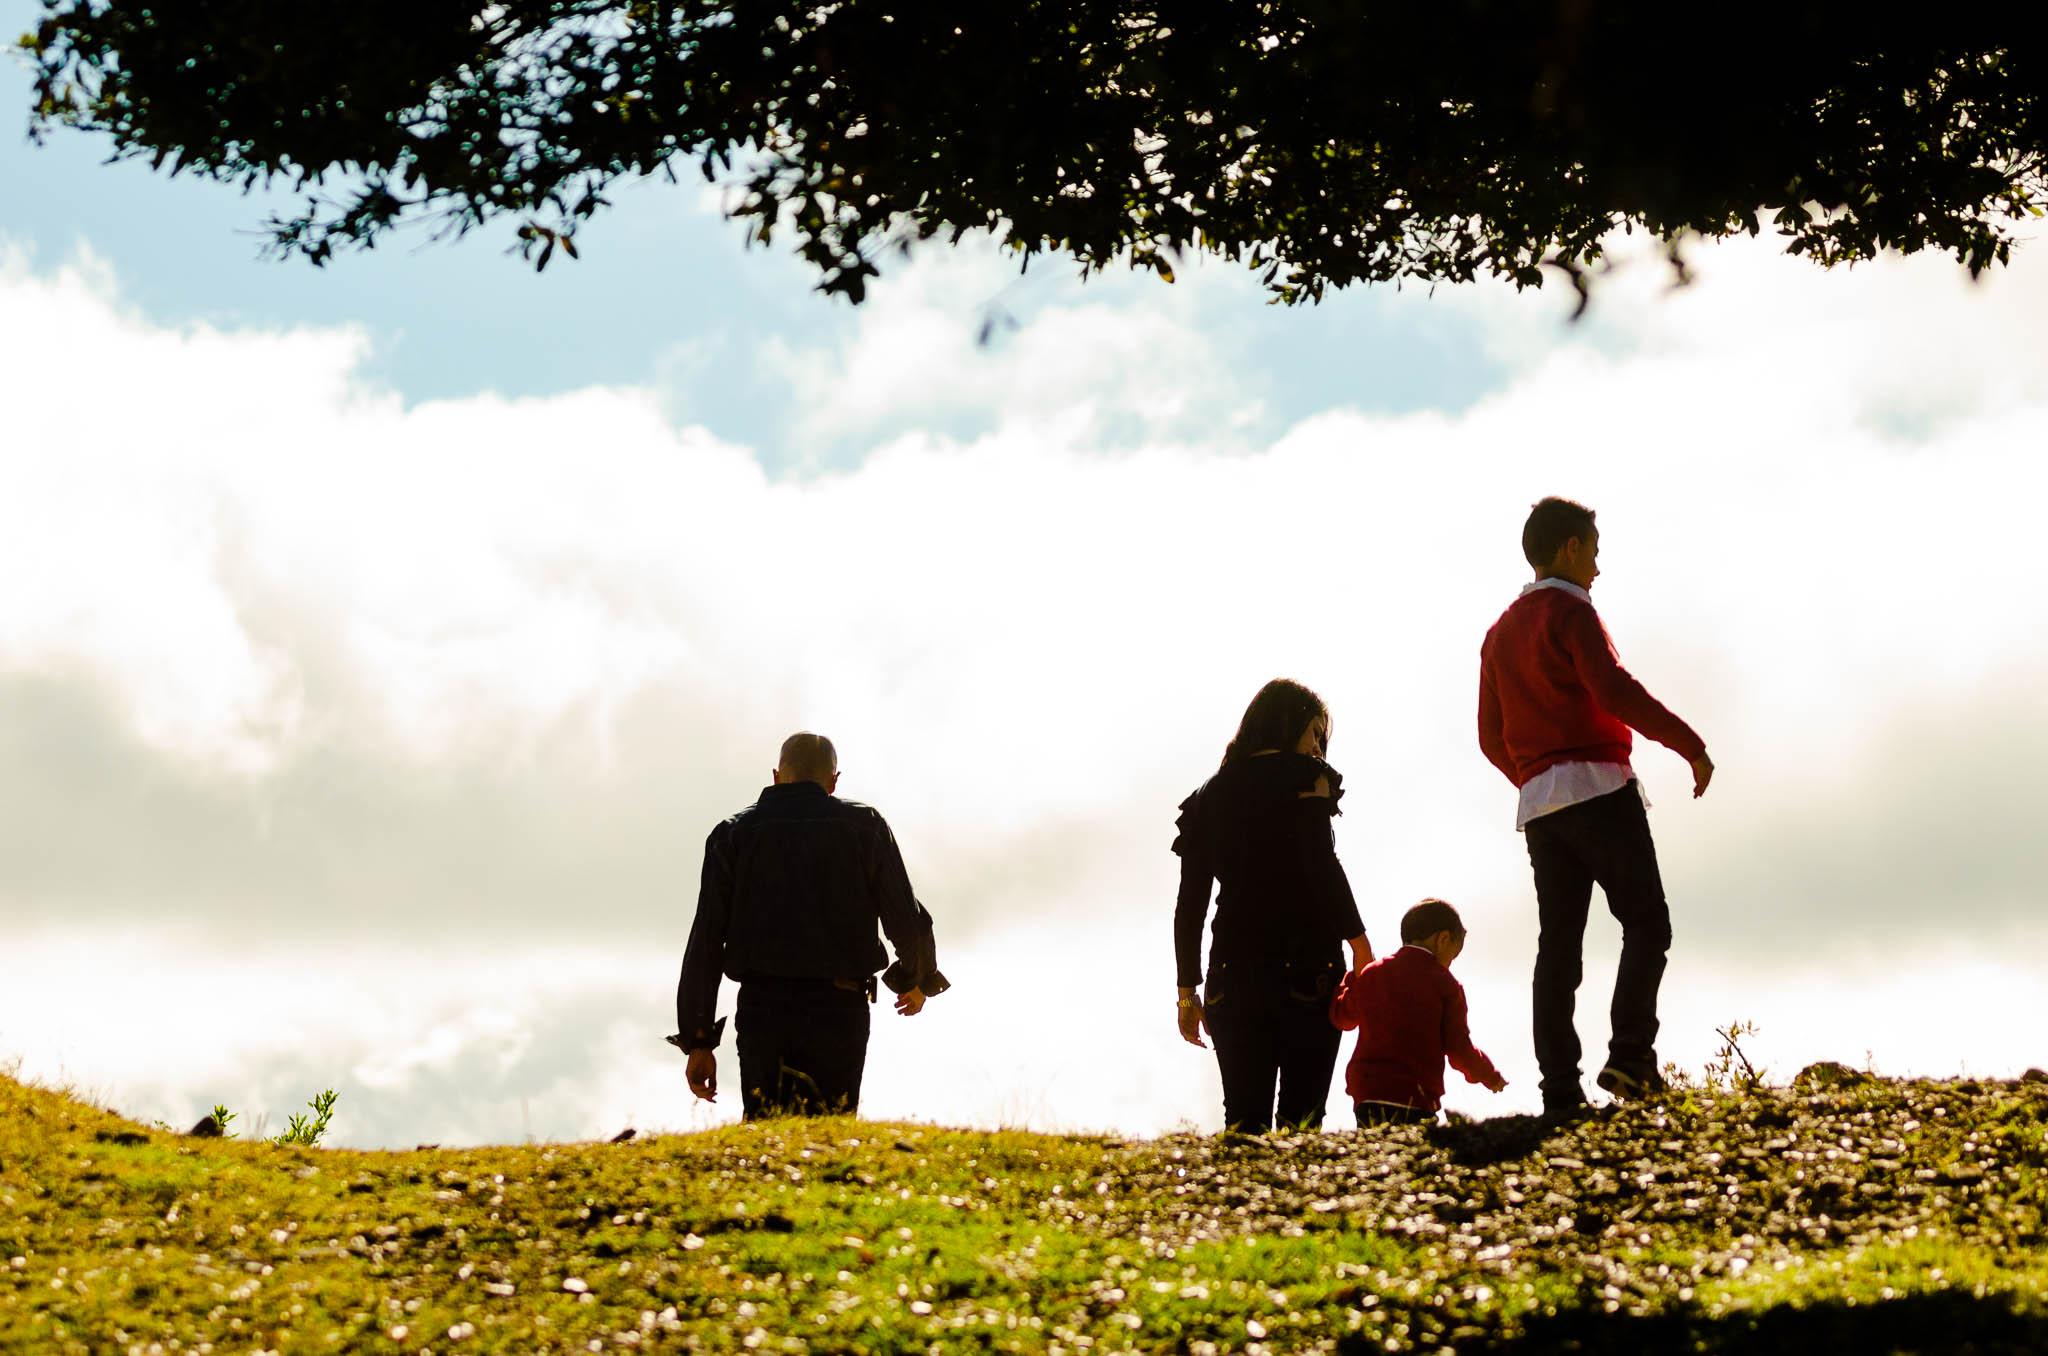 sesion familiar fotografia de familia fotos de familia fotografo san luis potosi luz escrita 16